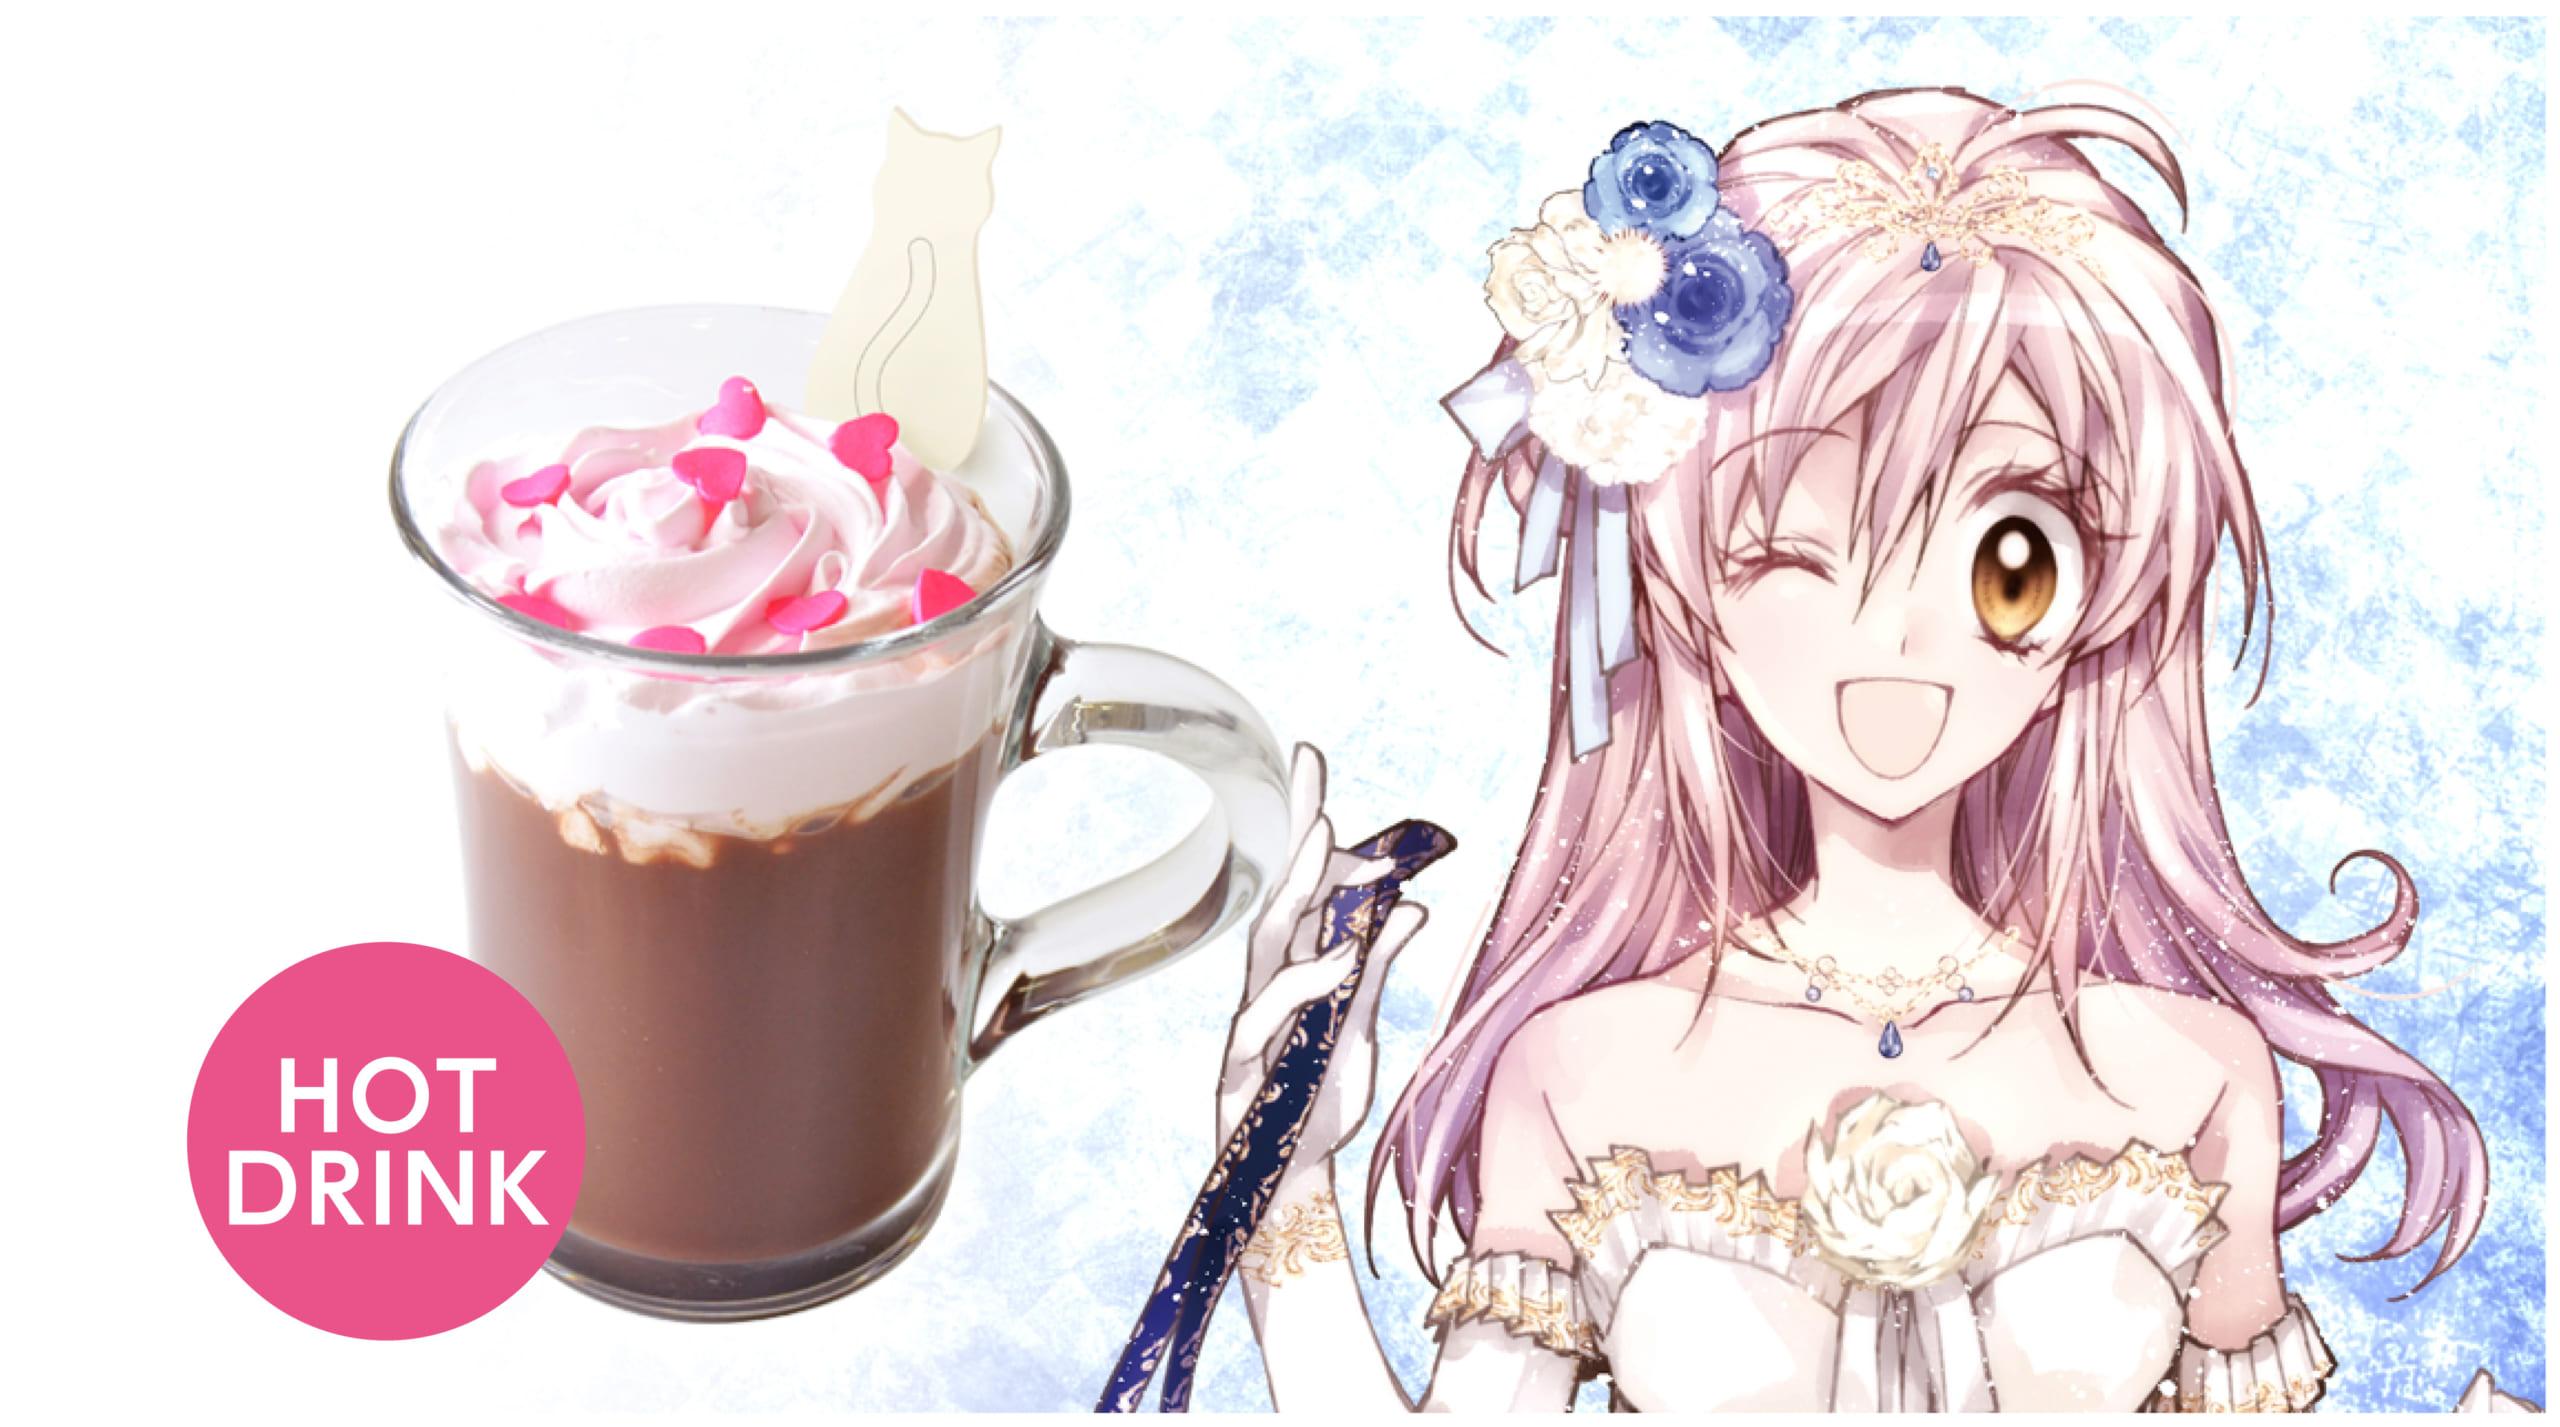 種村有菜先生 ×「アニメイトカフェ」コラボ第2弾 ドリンクメニュー Sweet hot chocolate